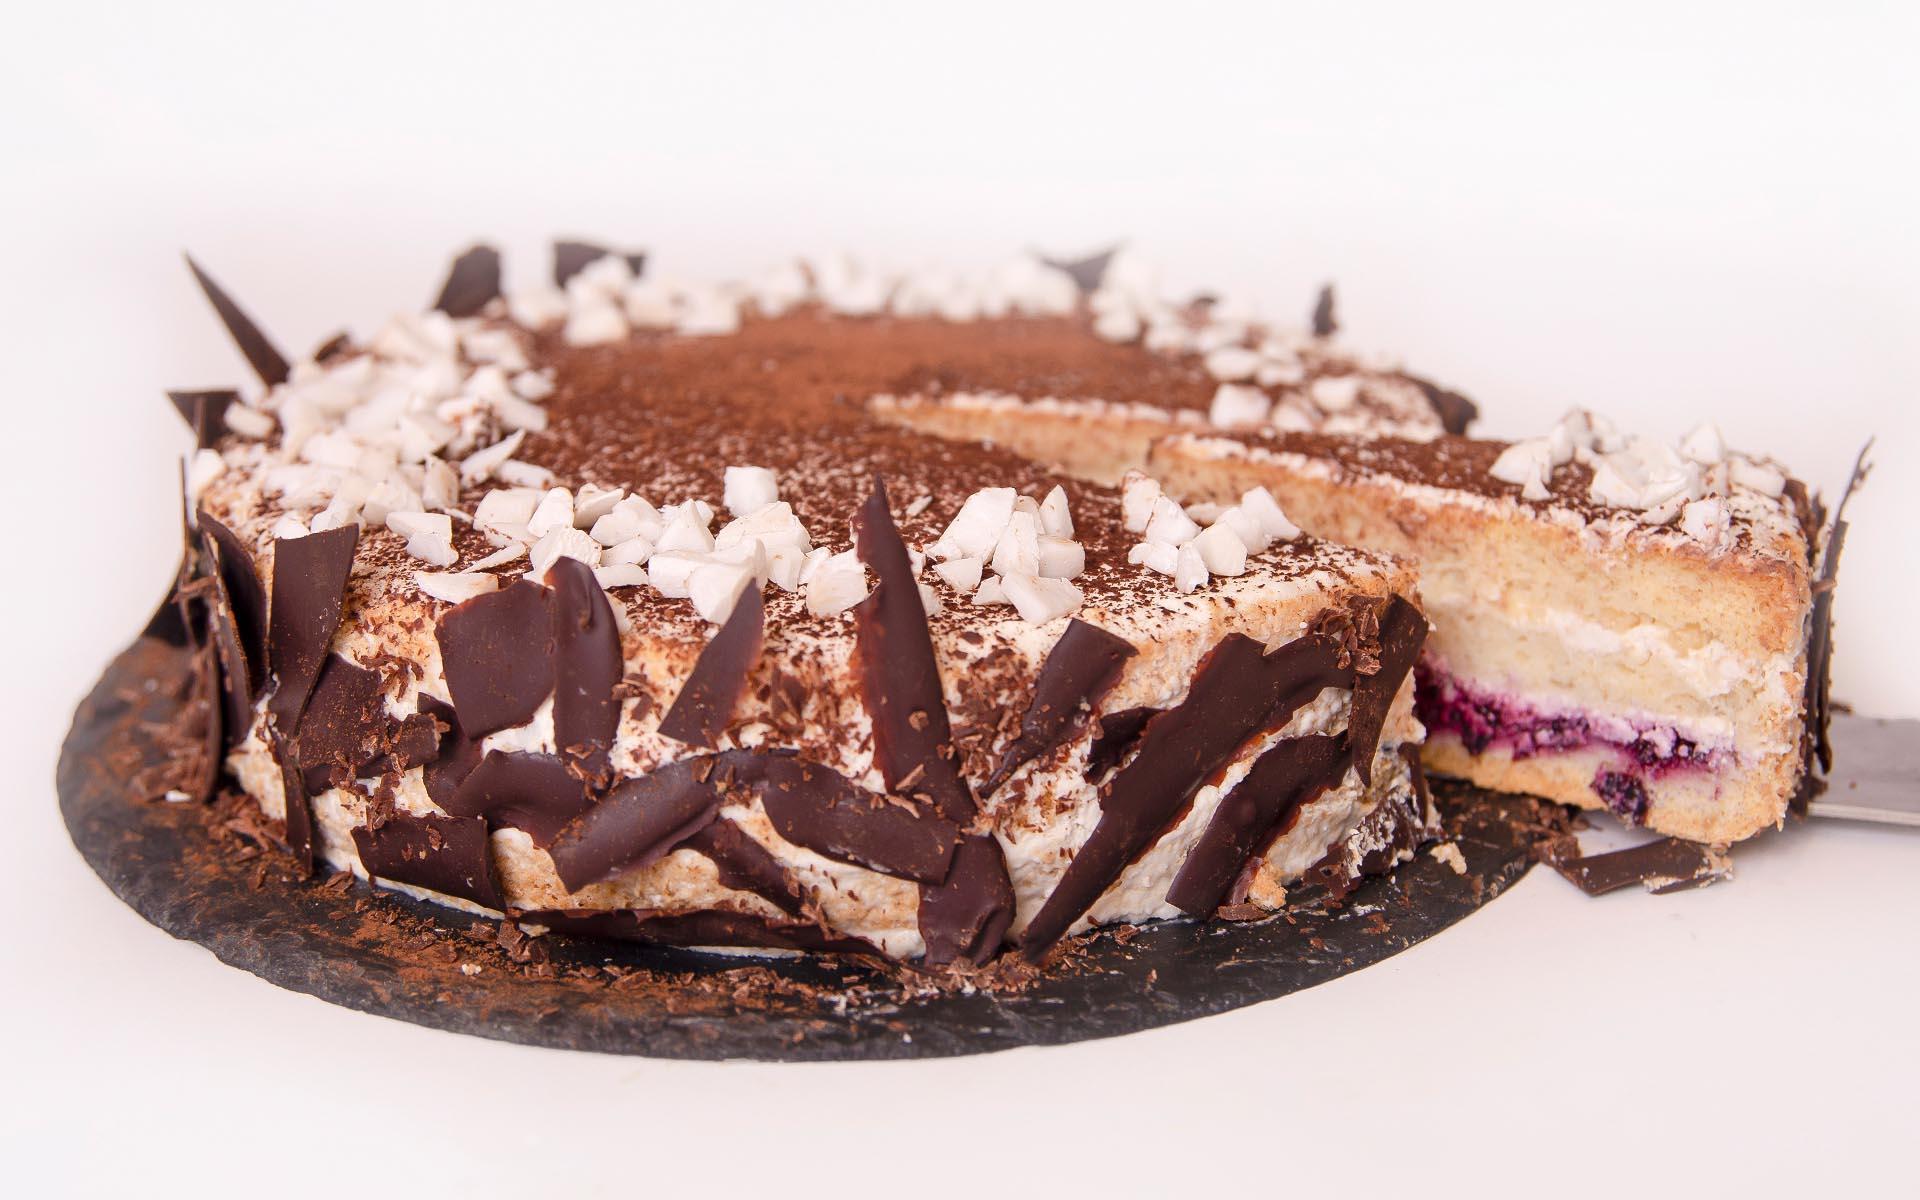 torty na zamówienie warszawa tort kokosowy zdrowy